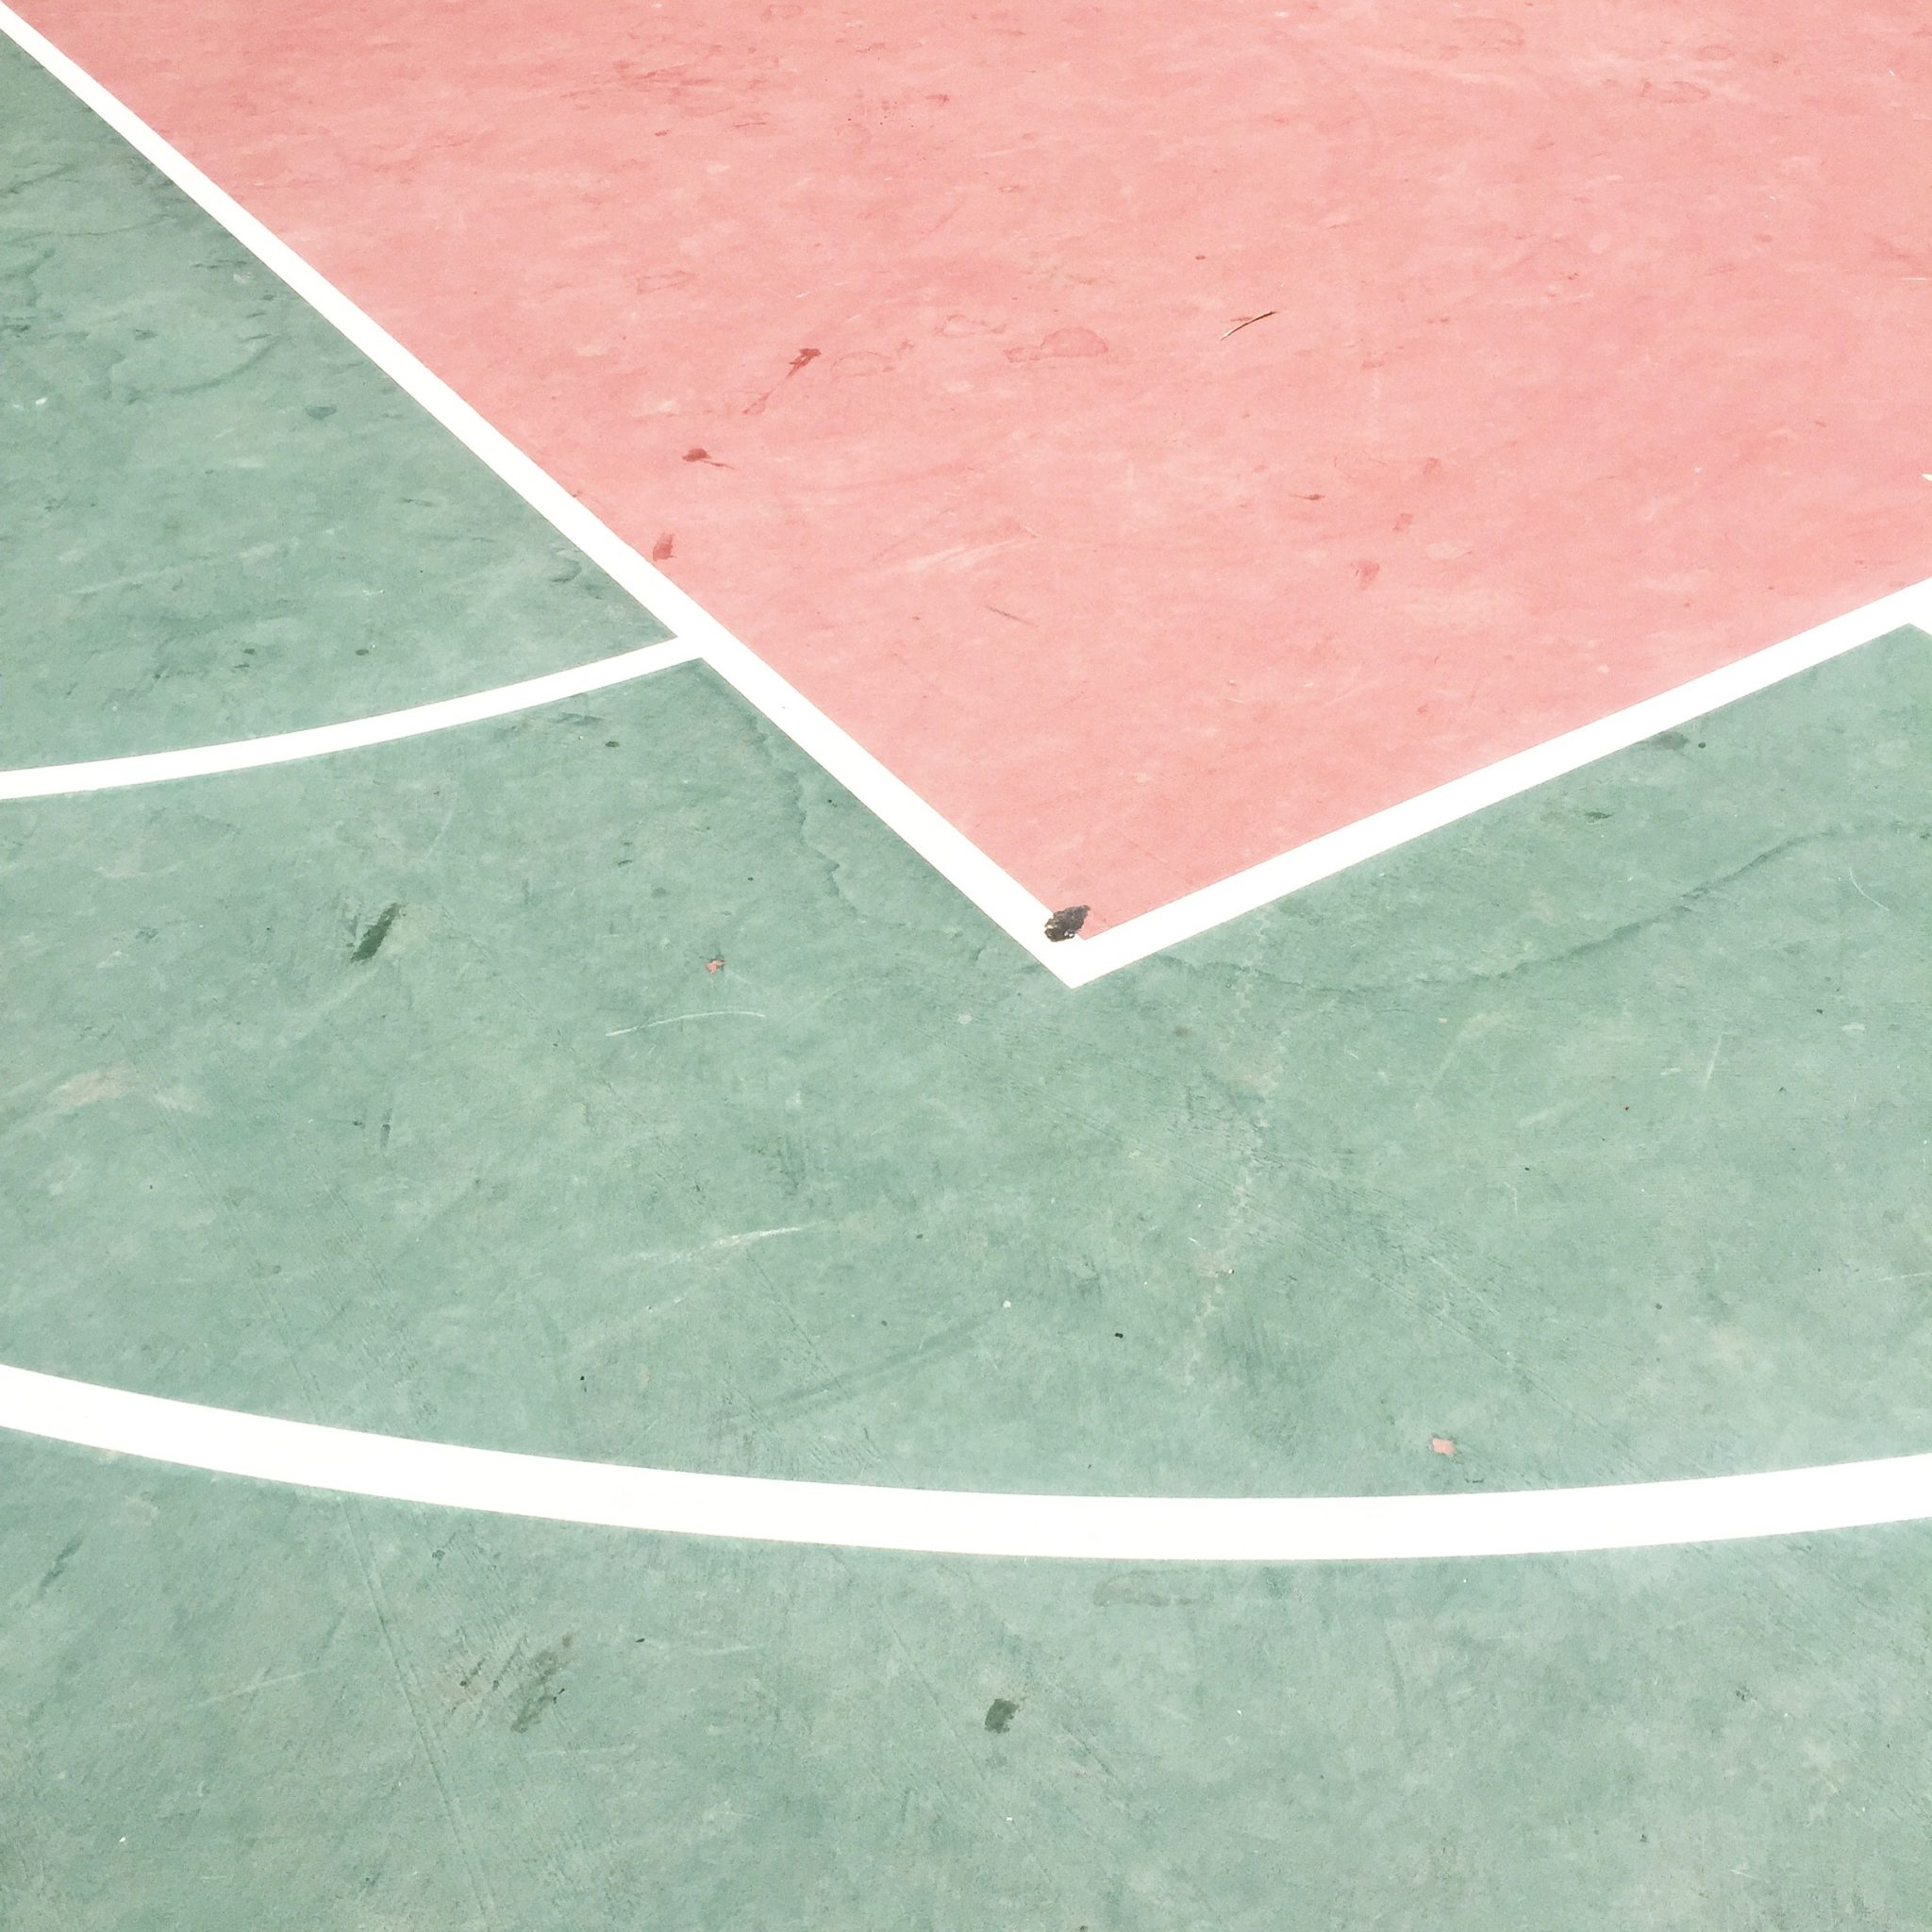 court-ground-tennis-1088160